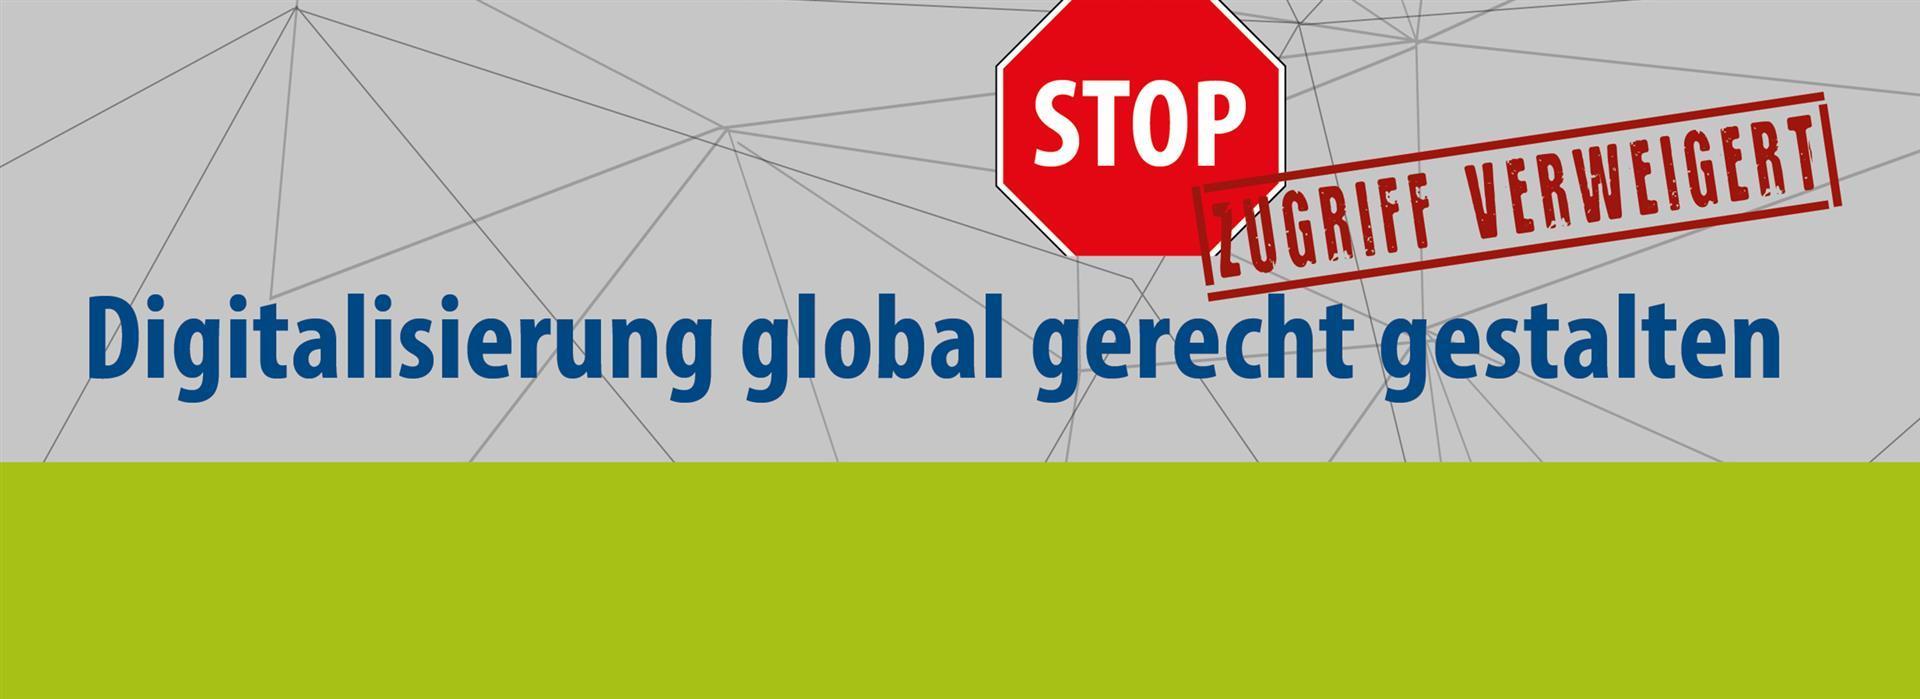 Zugriff verweigert - Digitalisierung global gerecht gestalten